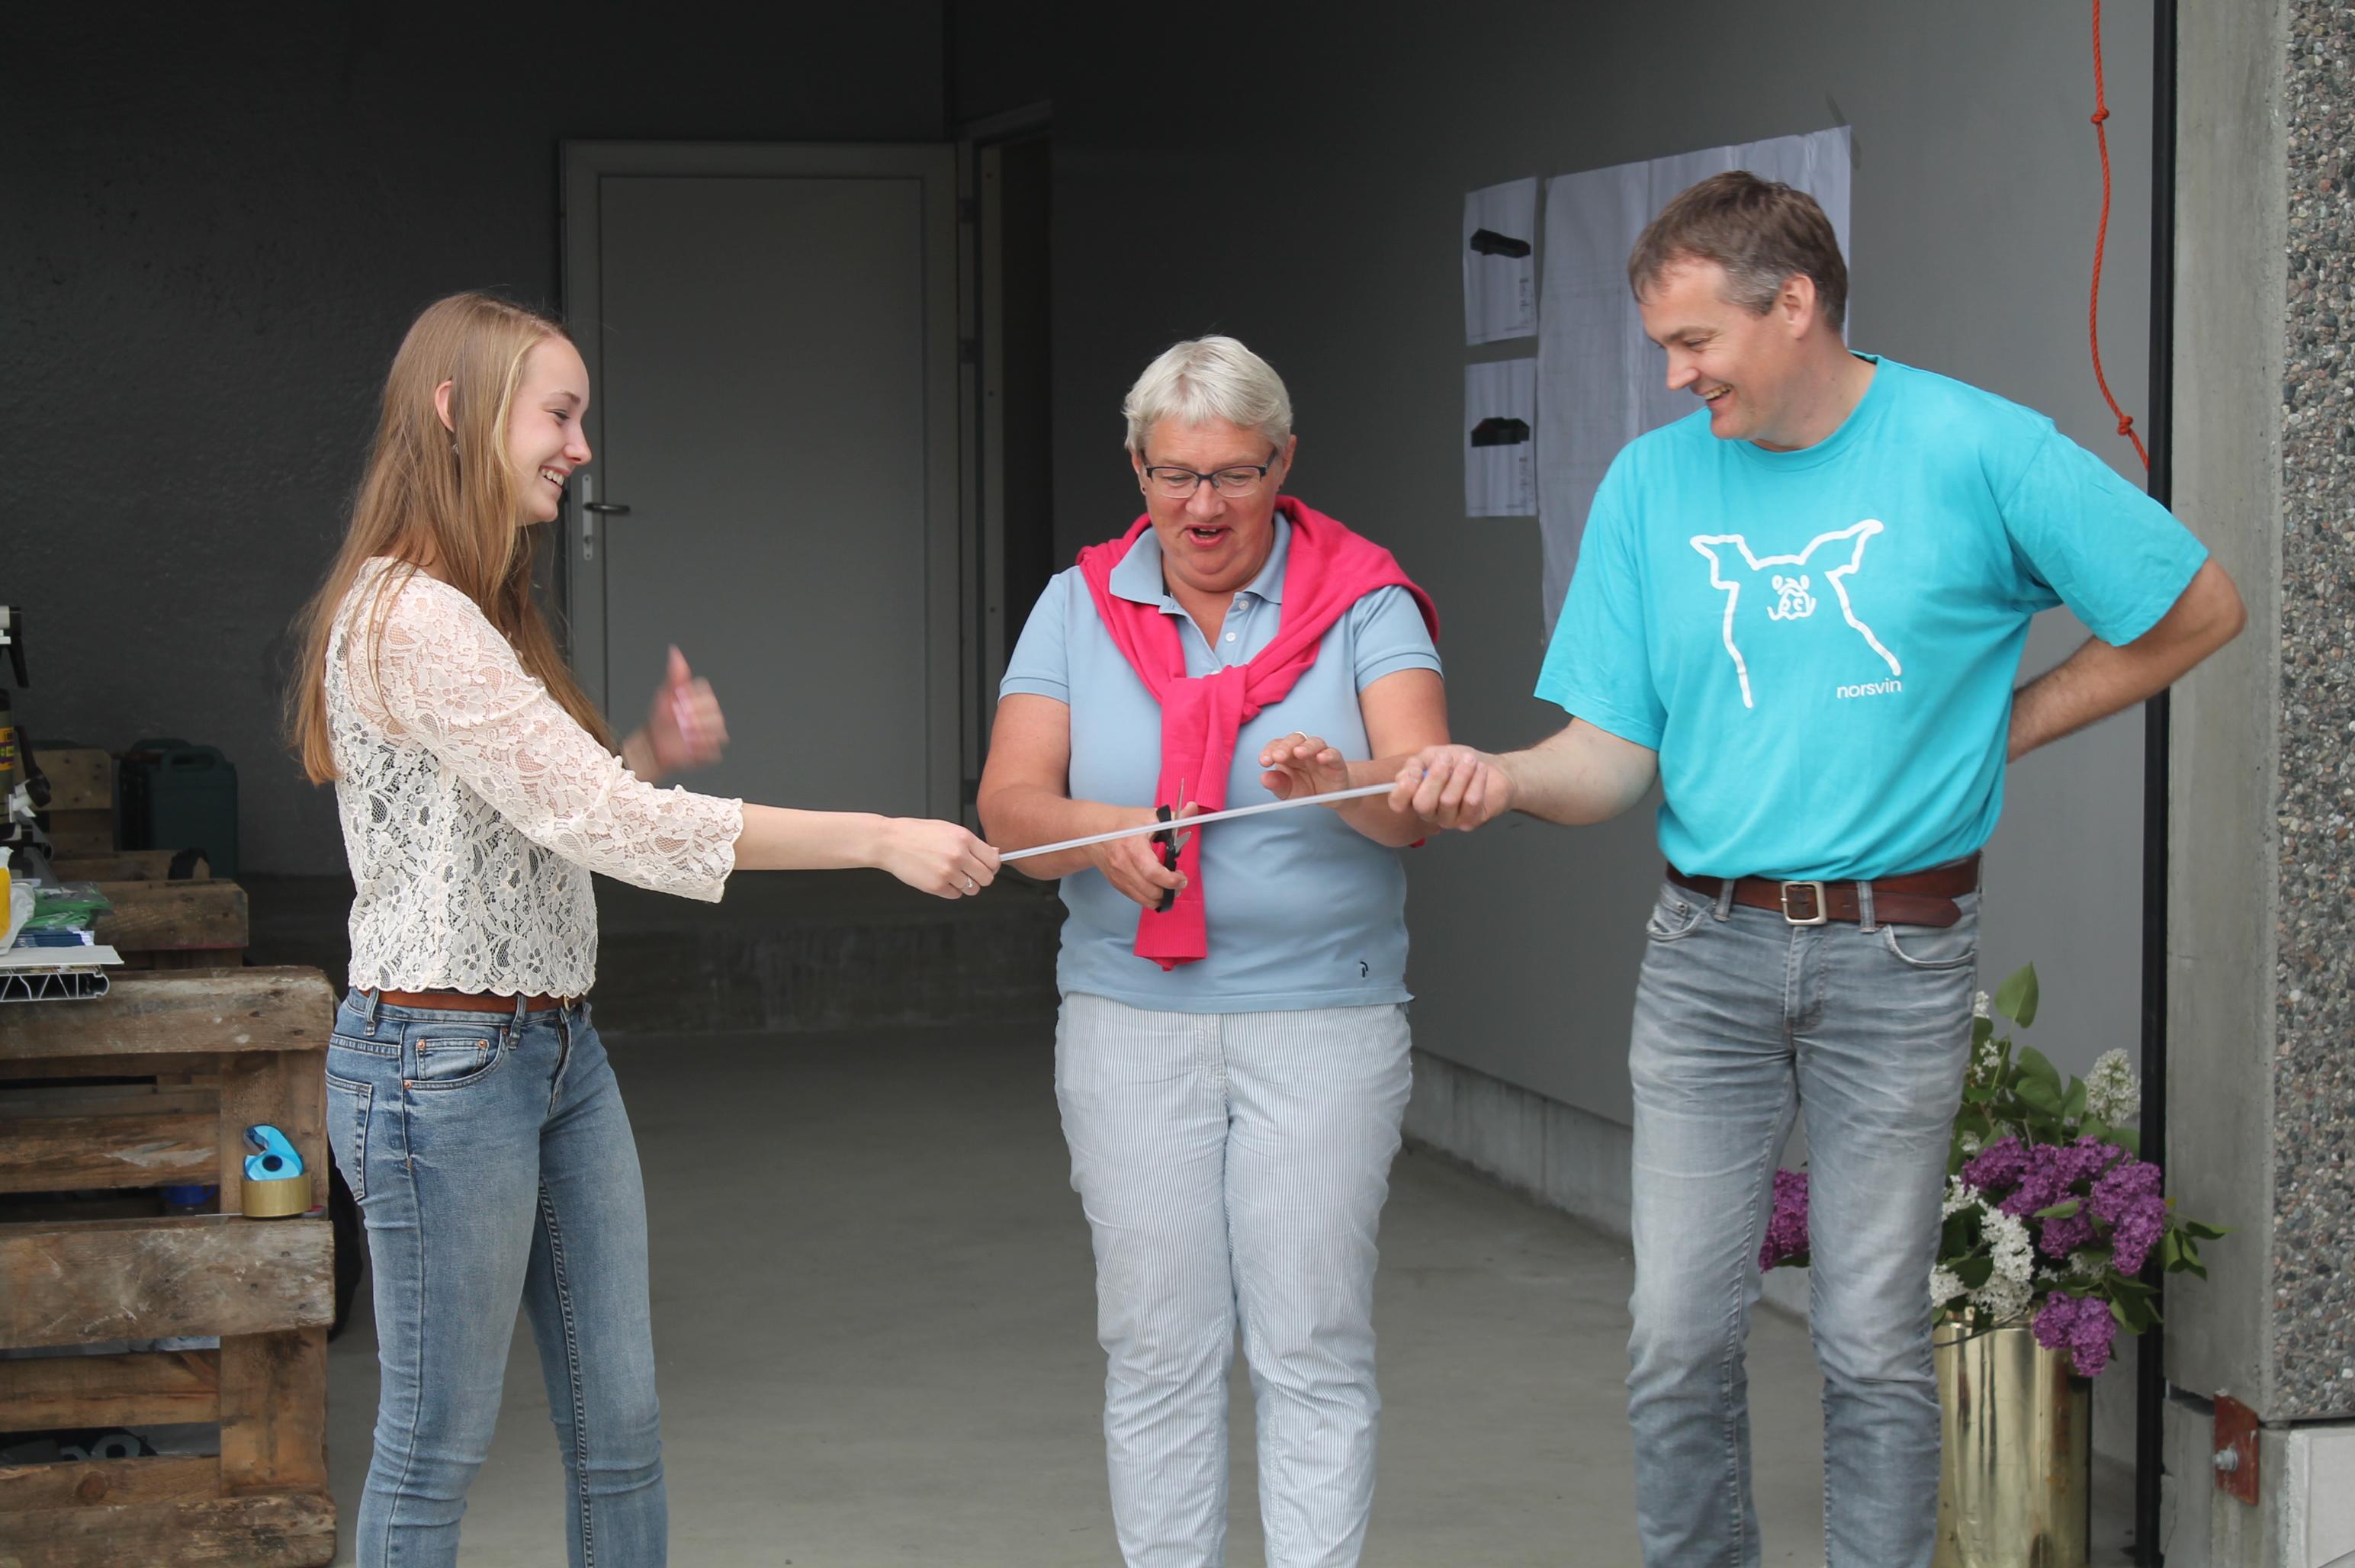 Offisiell åpning av fjøset foretas av Sara, landbruksirektør Kirsten Værdal og Svein magne